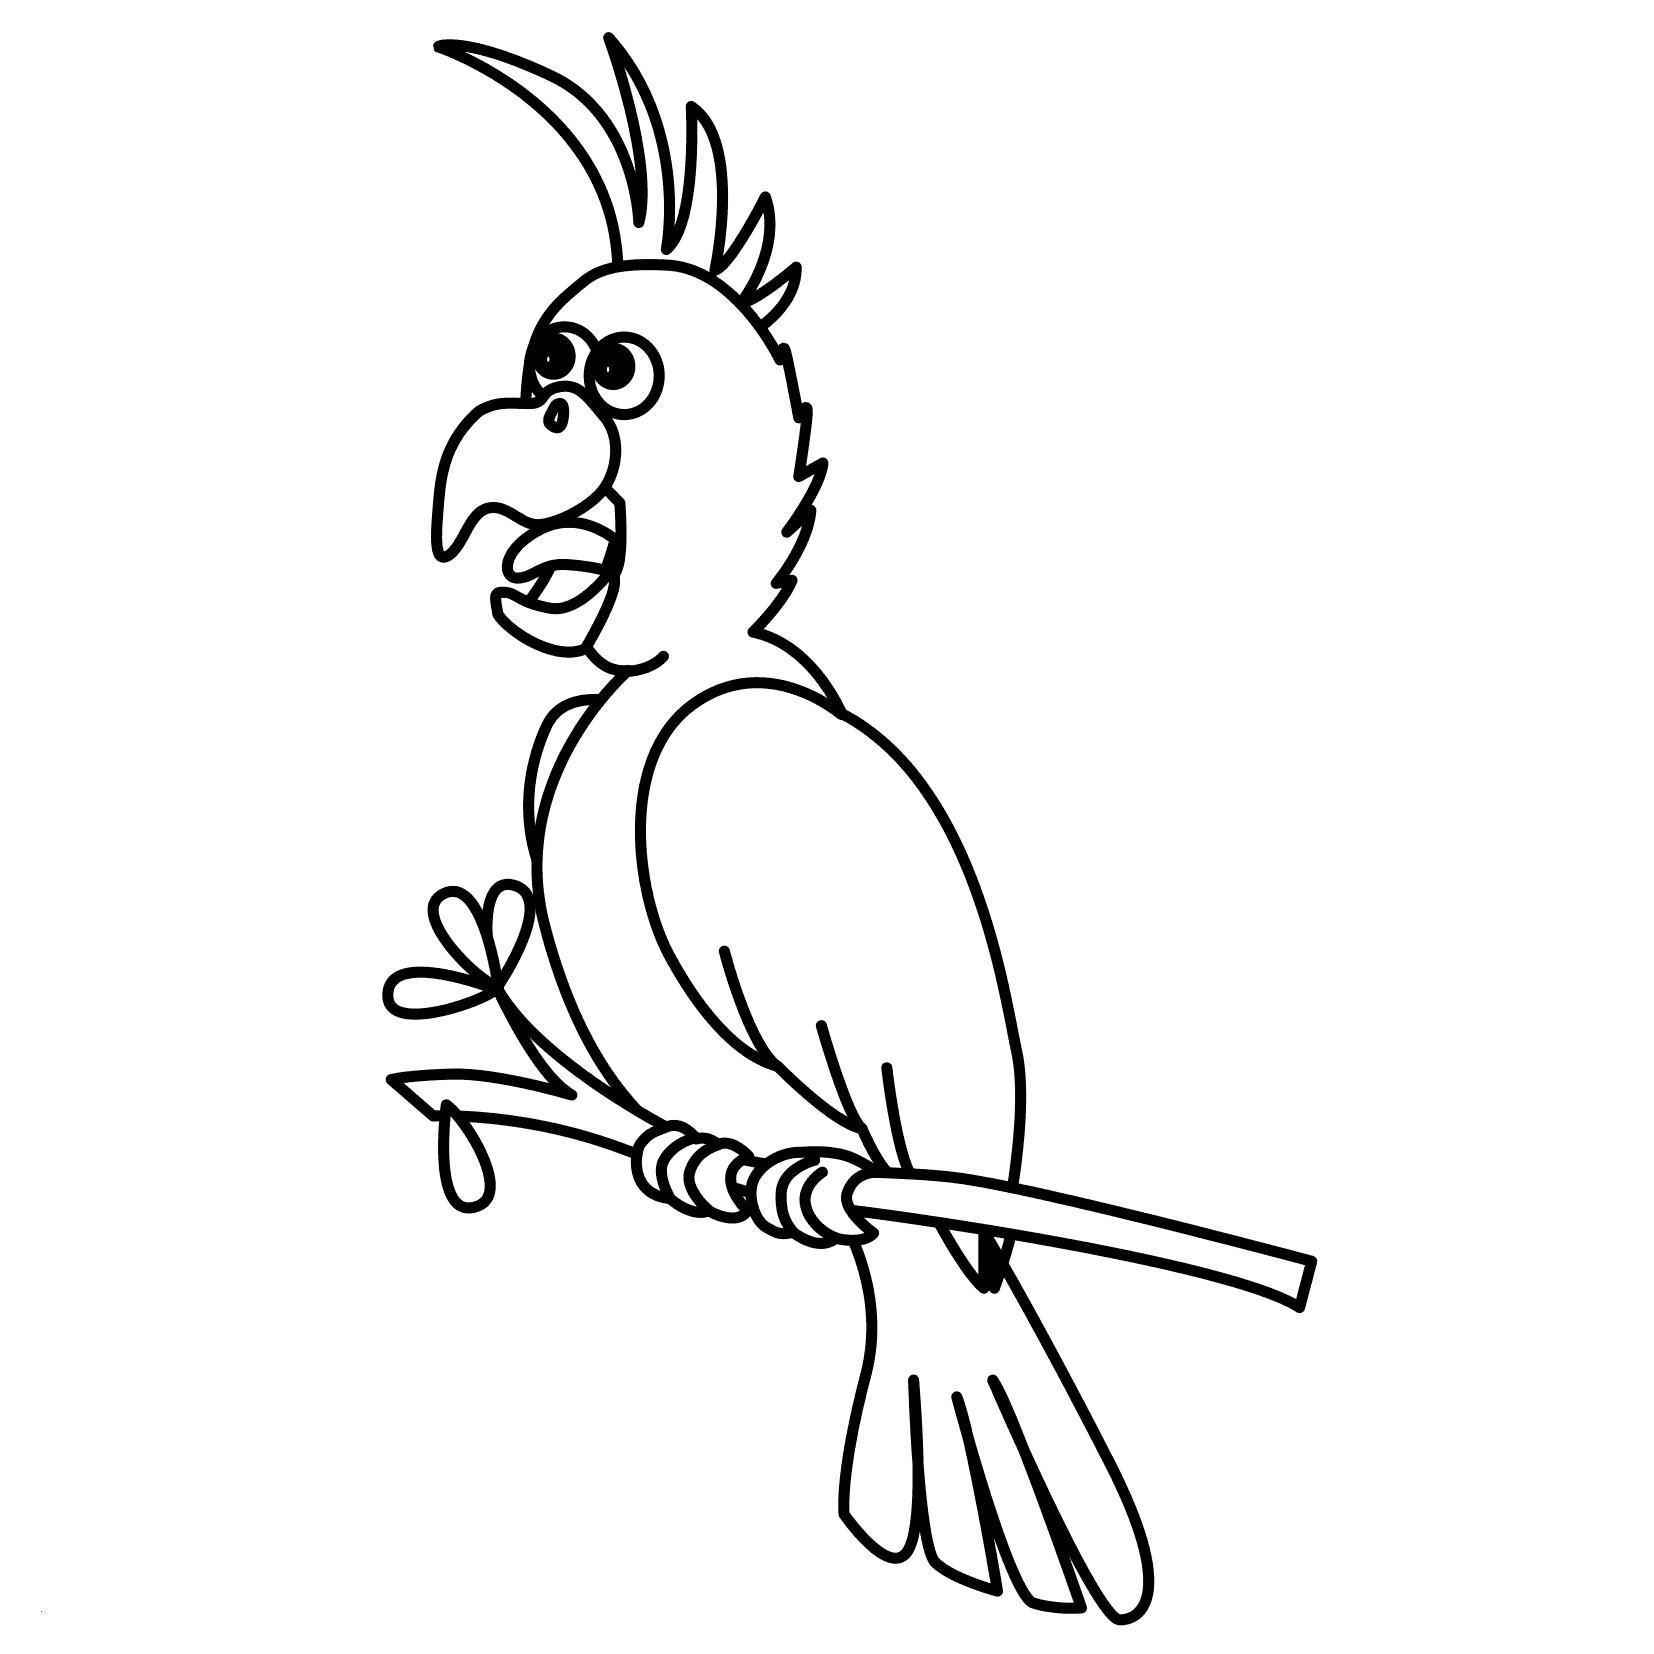 Fliegender Papagei Malvorlage Inspirierend 42 Neu Papagei Ausmalen – Große Coloring Page Sammlung Fotografieren